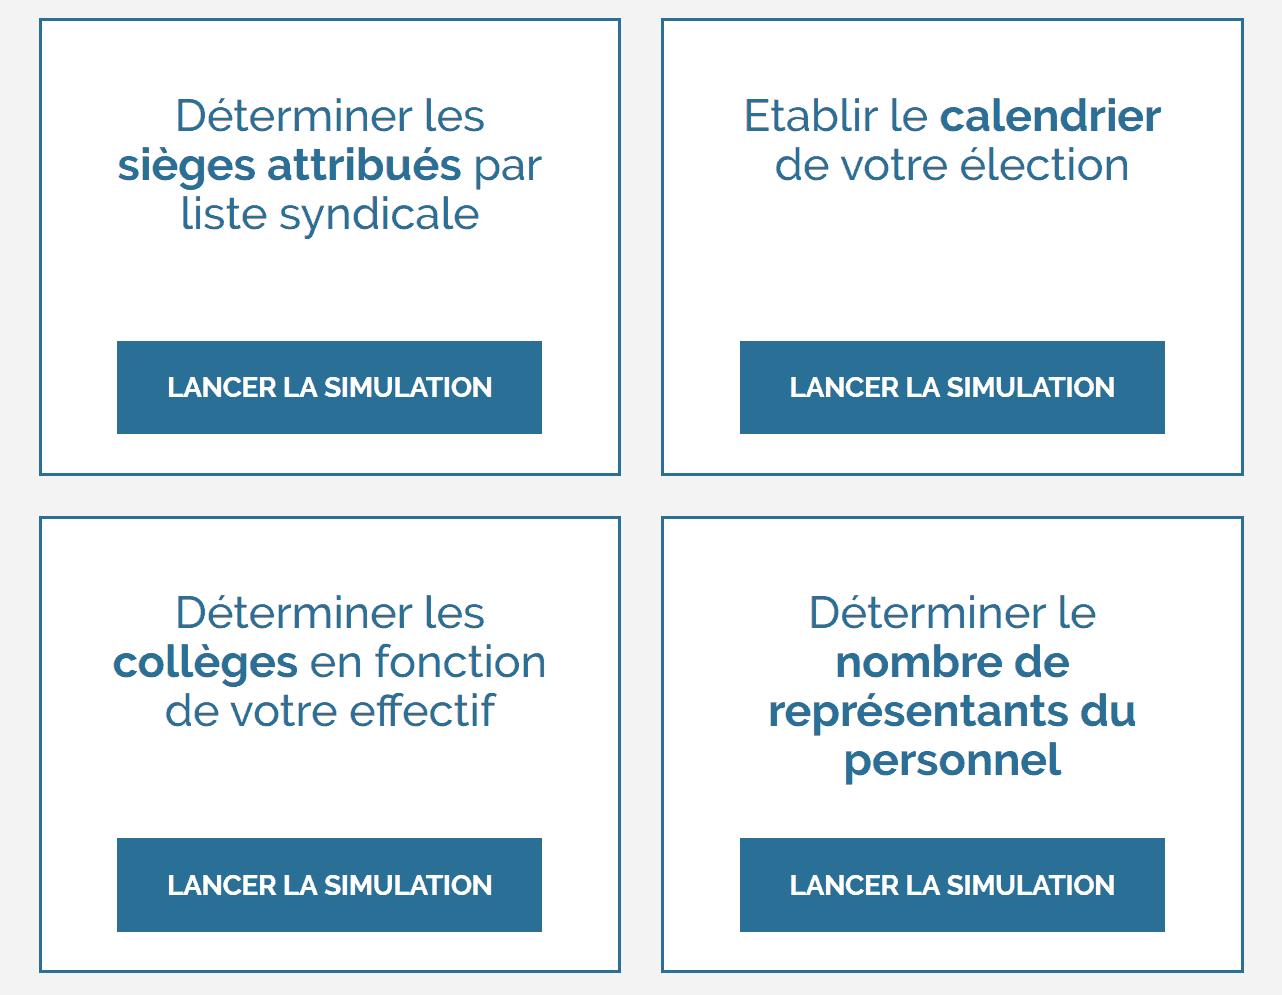 Calendrier Election 2019.Elections Cse 4 Outils Mis A Disposition Par Le Gouvernement